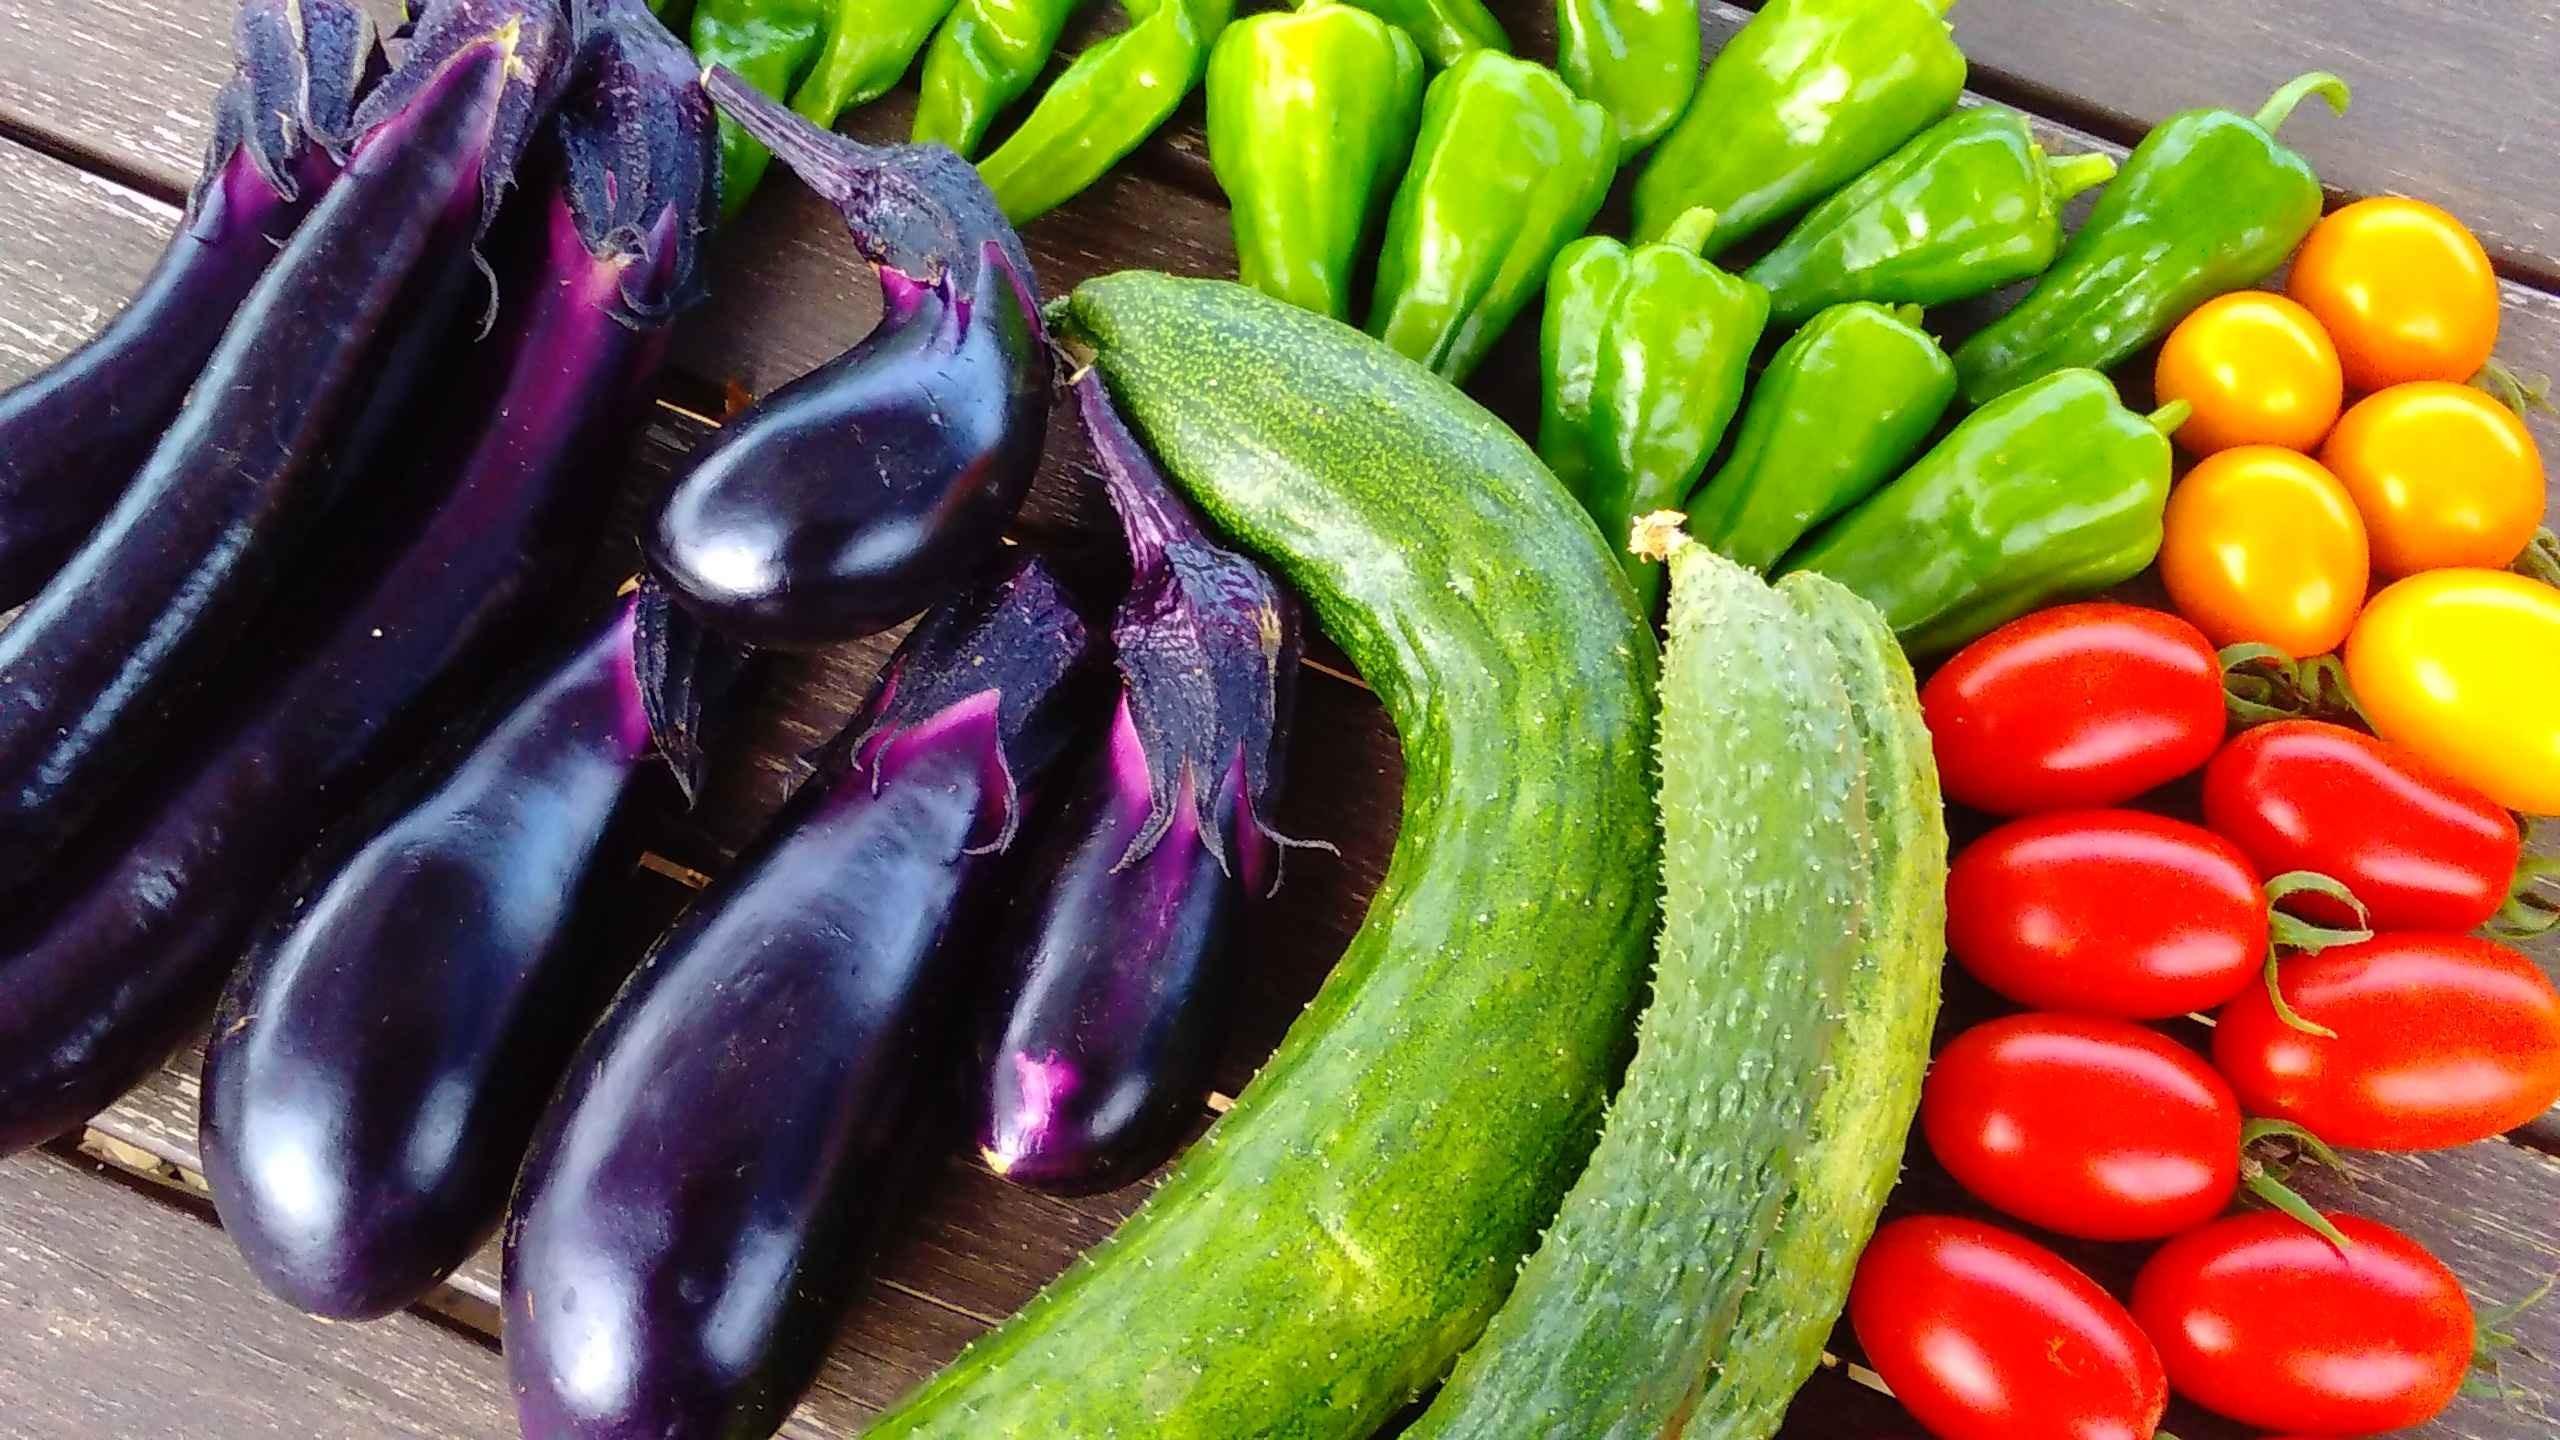 【シェア畑】お野菜作りに興味のある方大募集‼【足立青井】